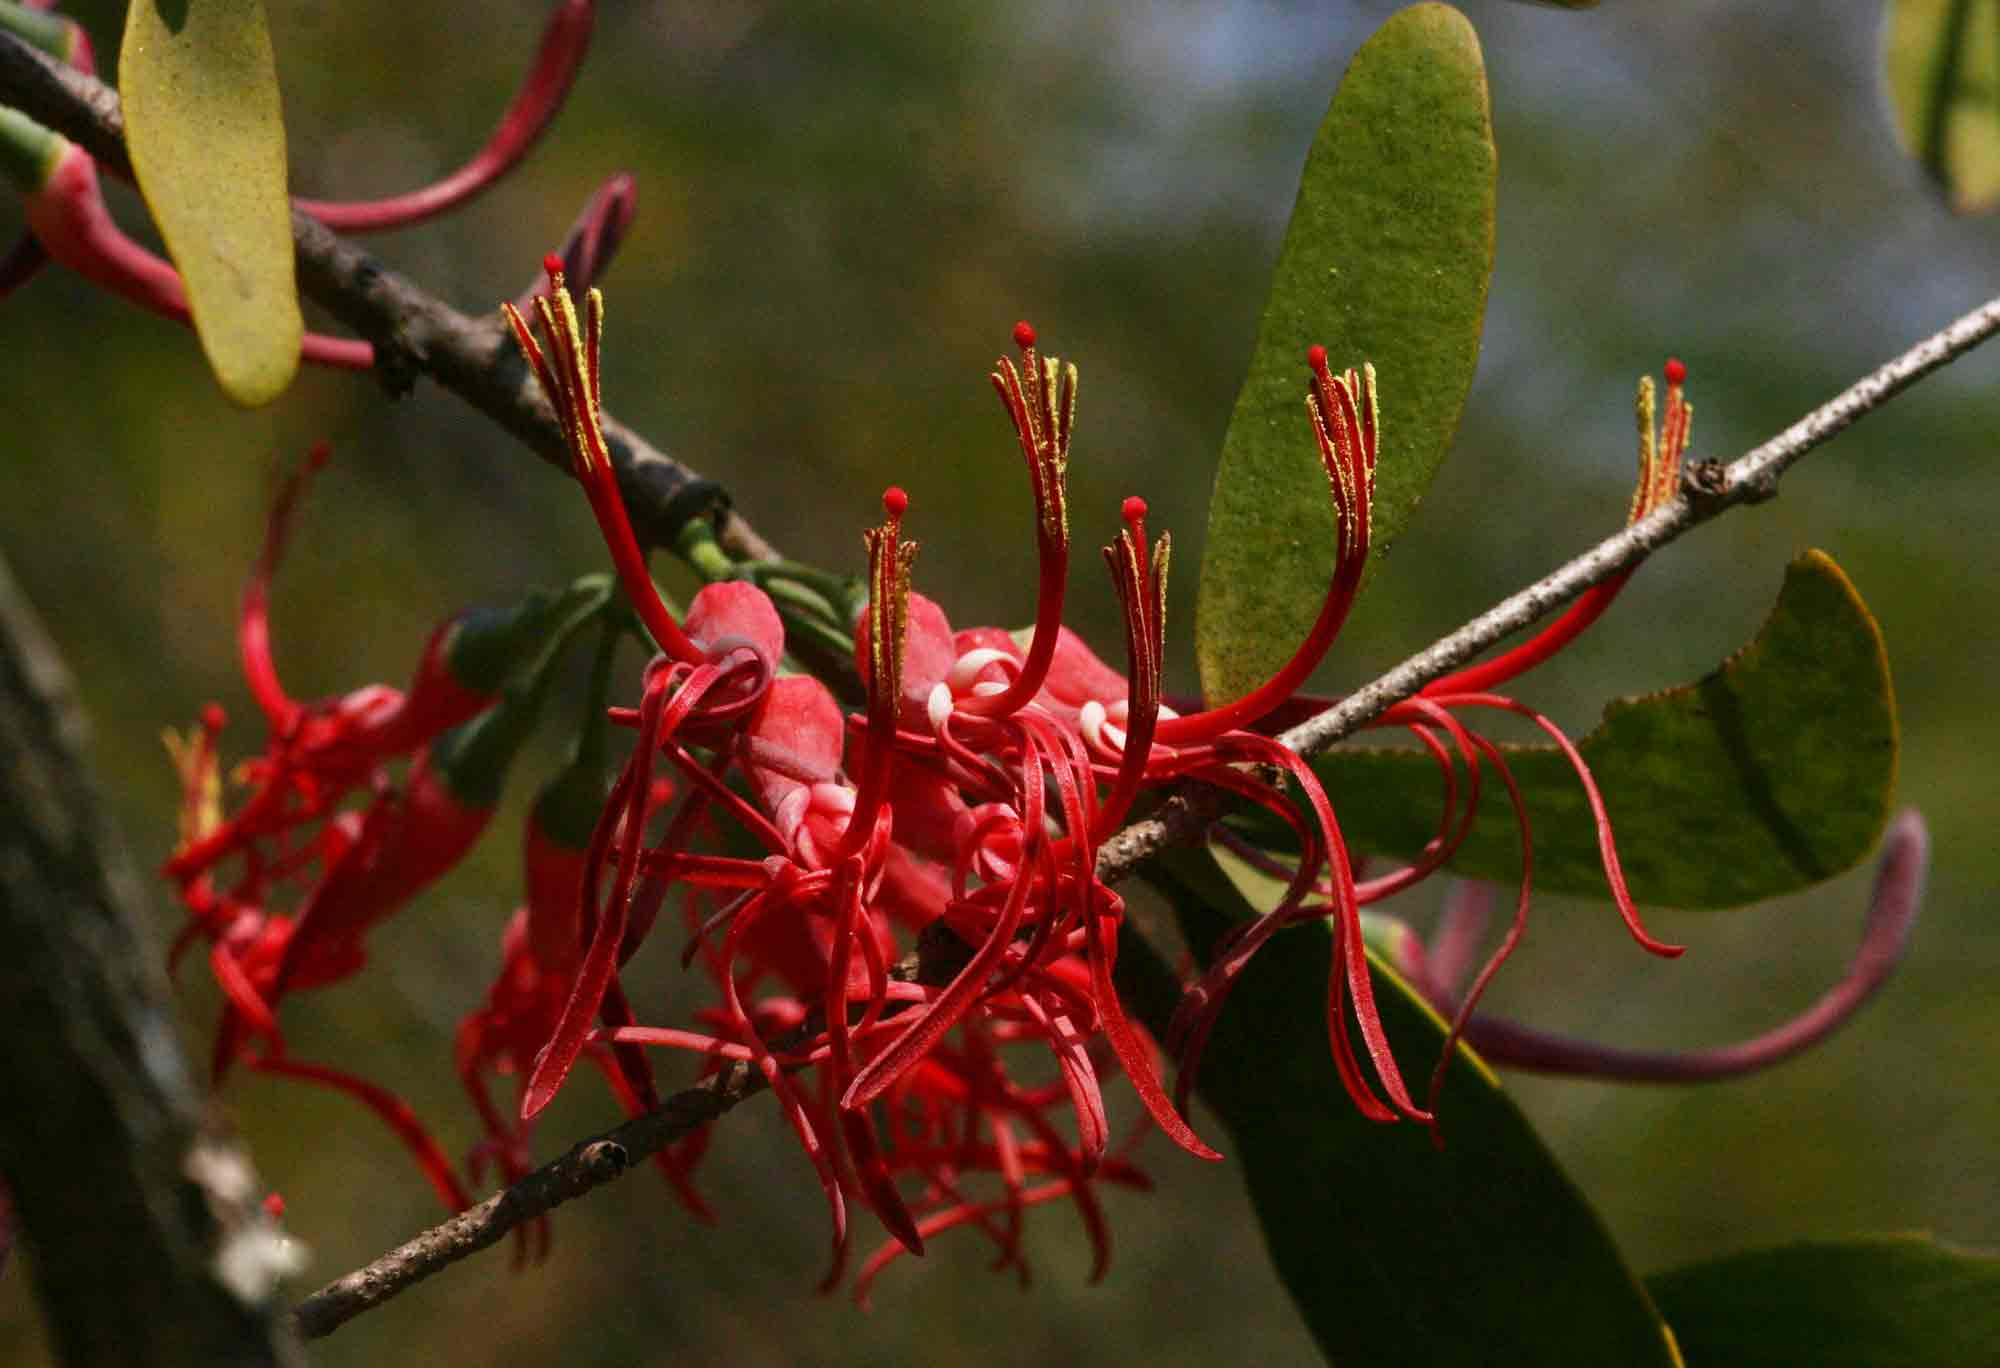 Plicosepalus kalachariensis